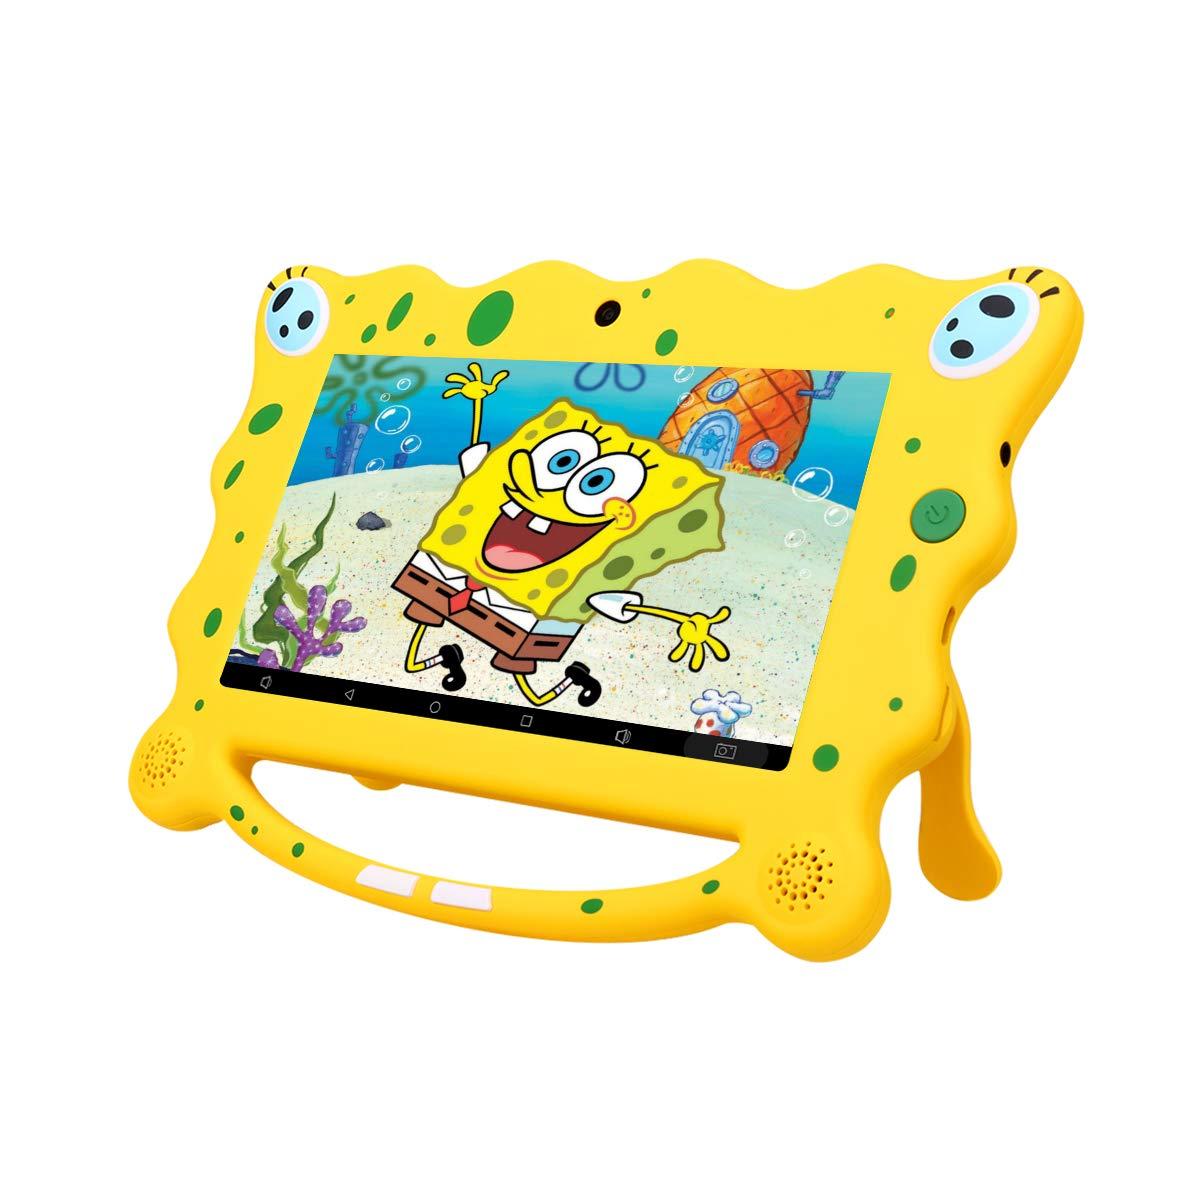 Ainol 7C08x-Tablet infantil de Android 8.1,tablet para niños de 7pulgadas,regalo para niños,1GB+16GB con wifi,doble cámara,tablet de Bob Esponja,juegos educativos,Azul